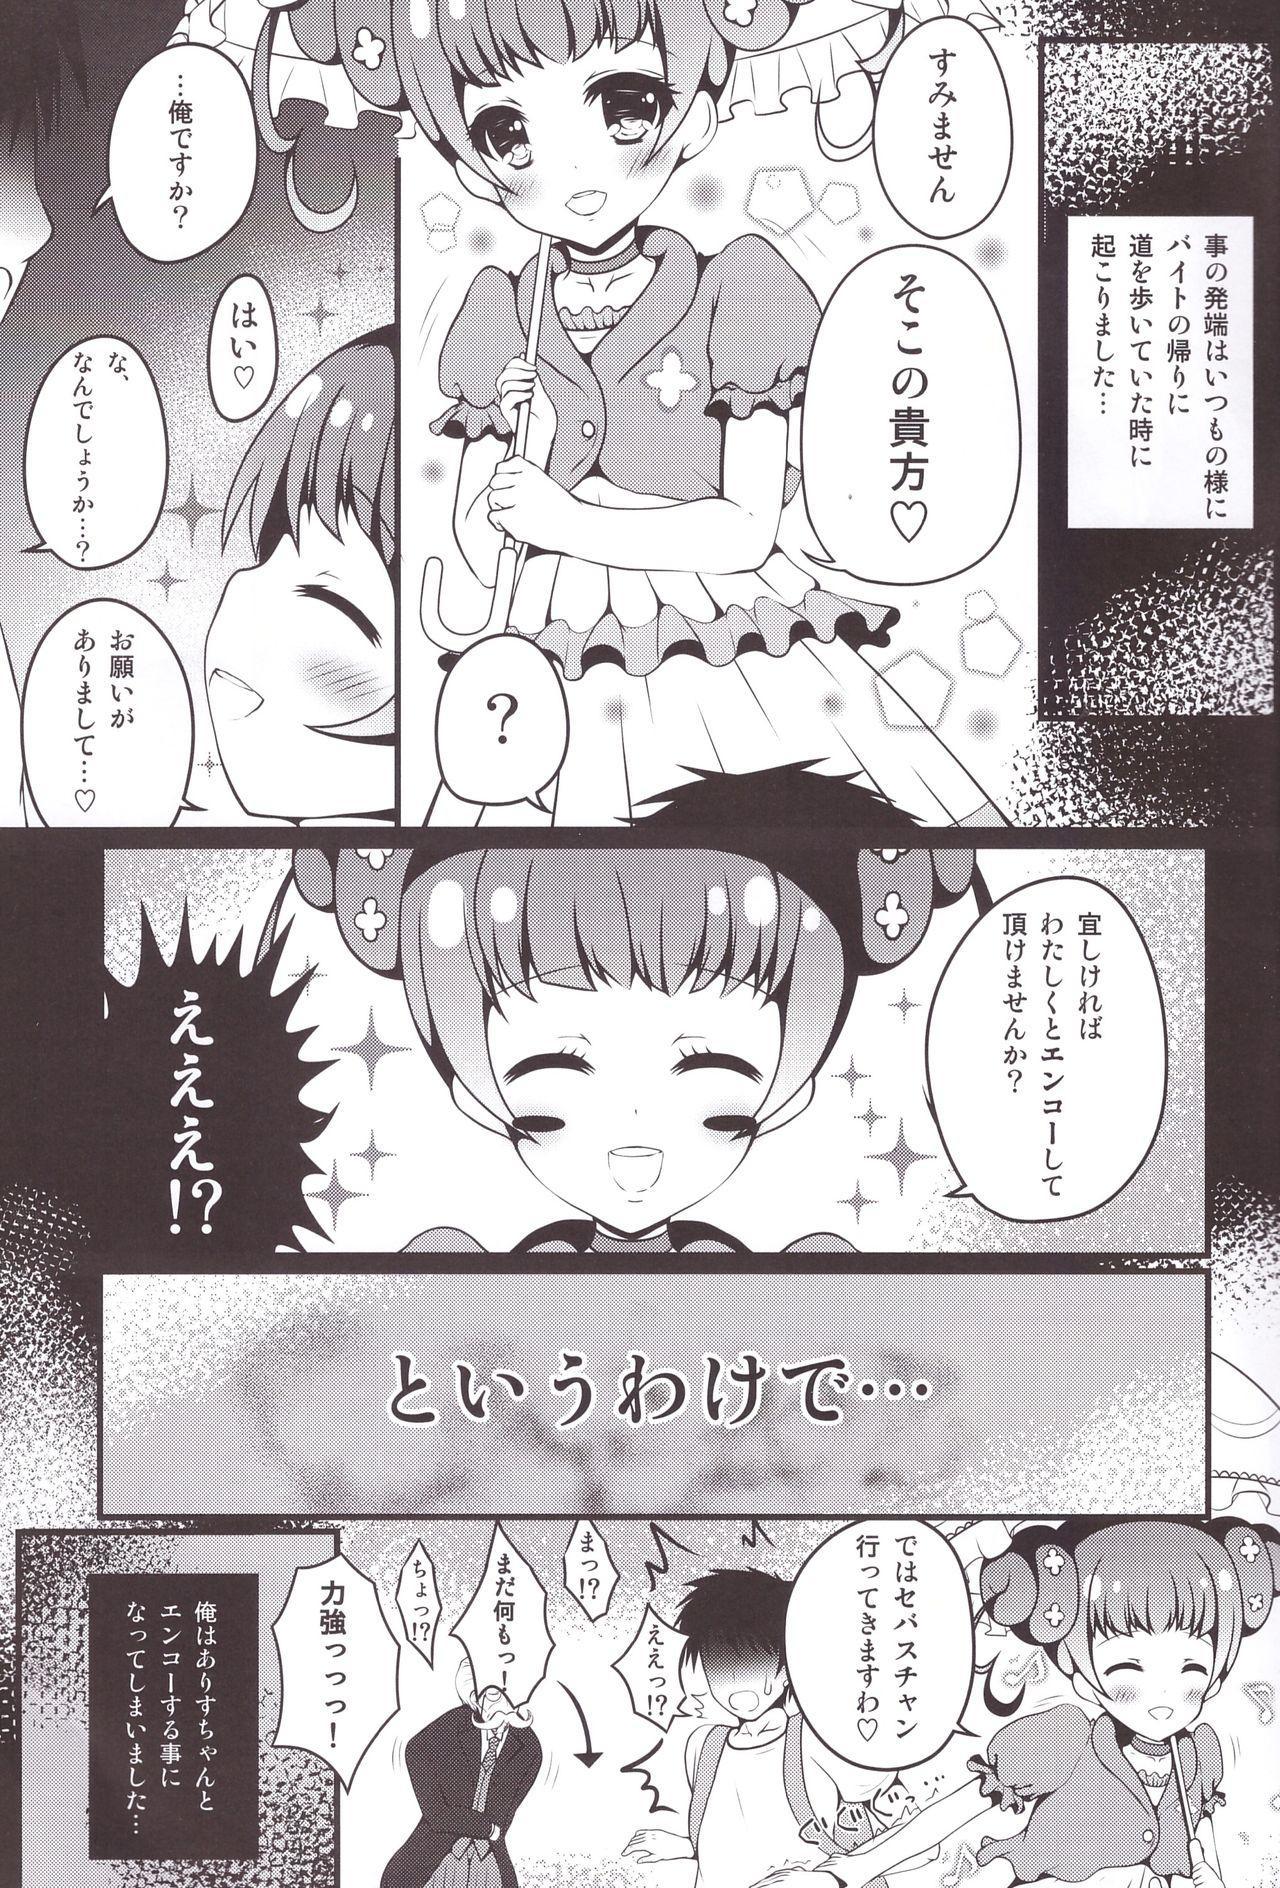 Arisu-chan to dokidoki shitai! 4